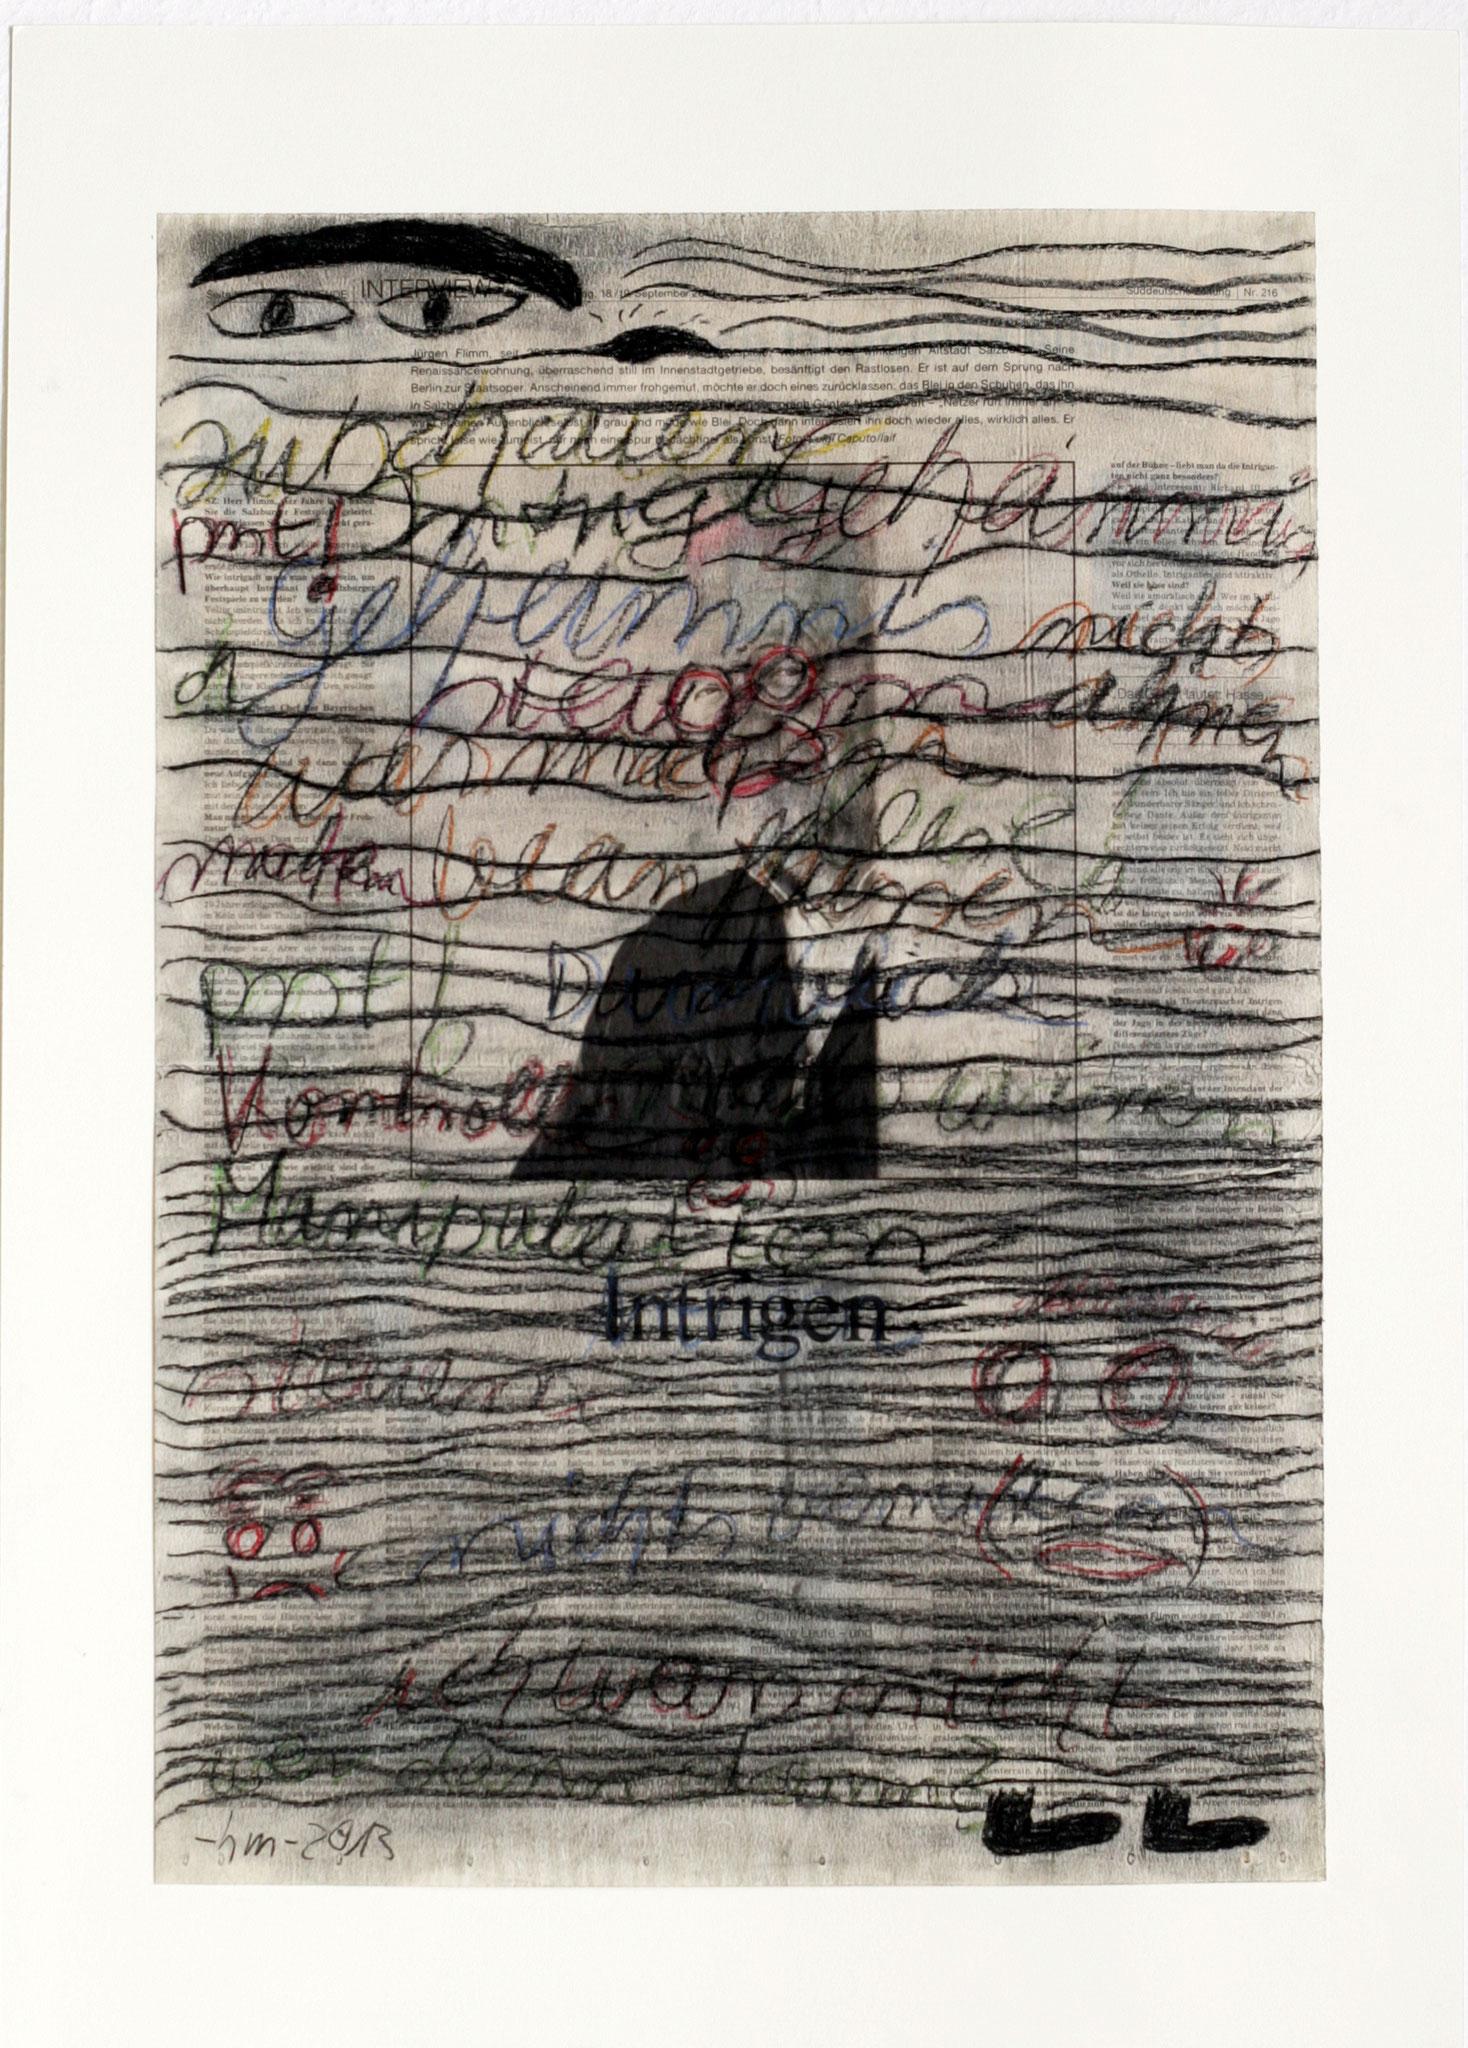 intrigen - 2013 - Kohle, Pastellkreide auf Zeitung - 57 x 40 cm